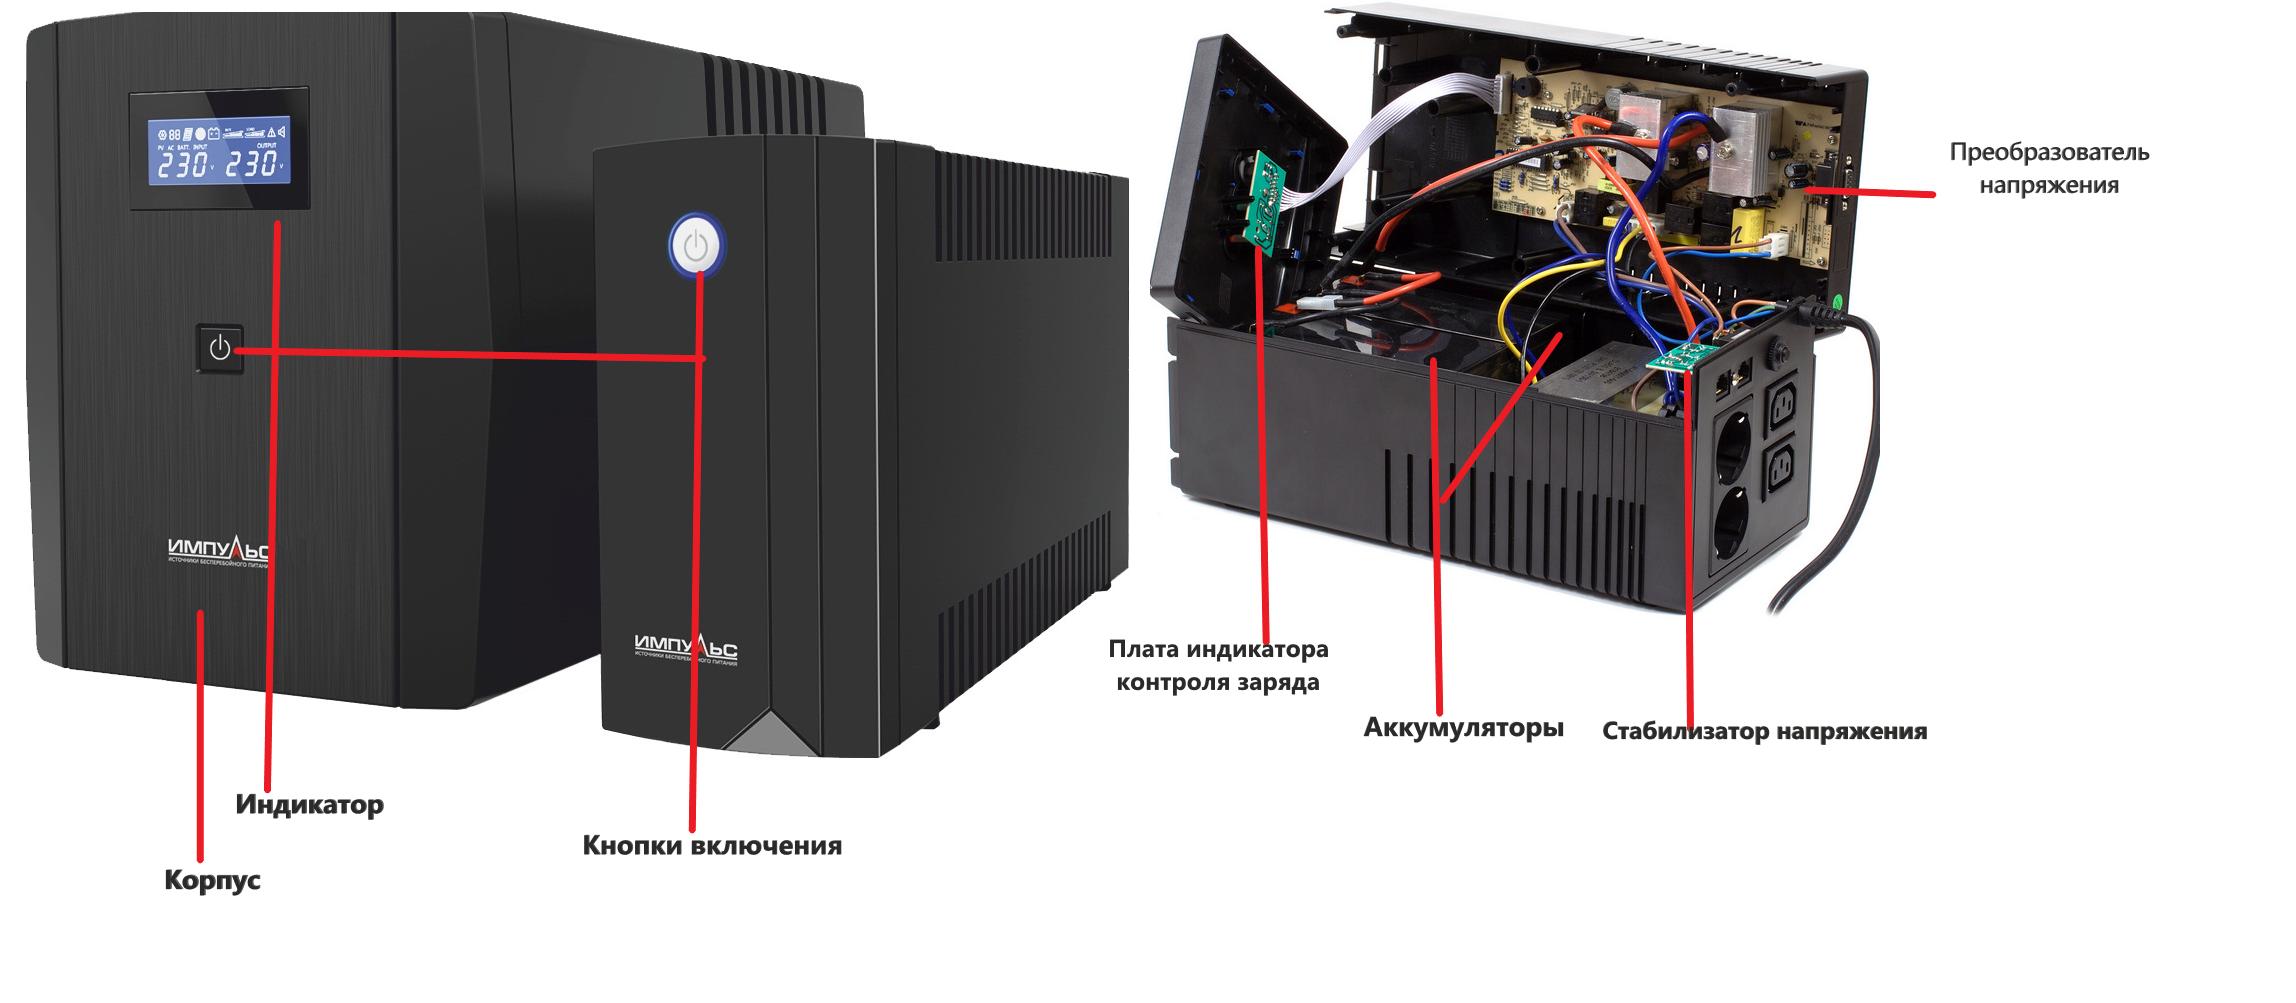 Беспреребойник для компьютера – как работает почему его обязательно следует испоользовать